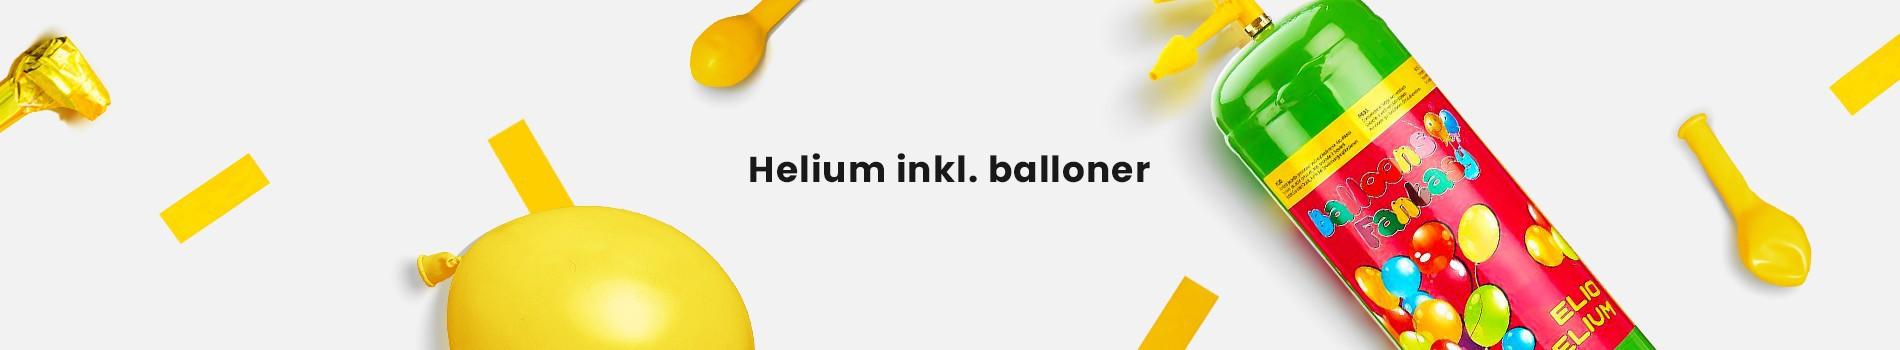 Balloner fil fest | Billige Helium Balloner | » Hurtig Levering